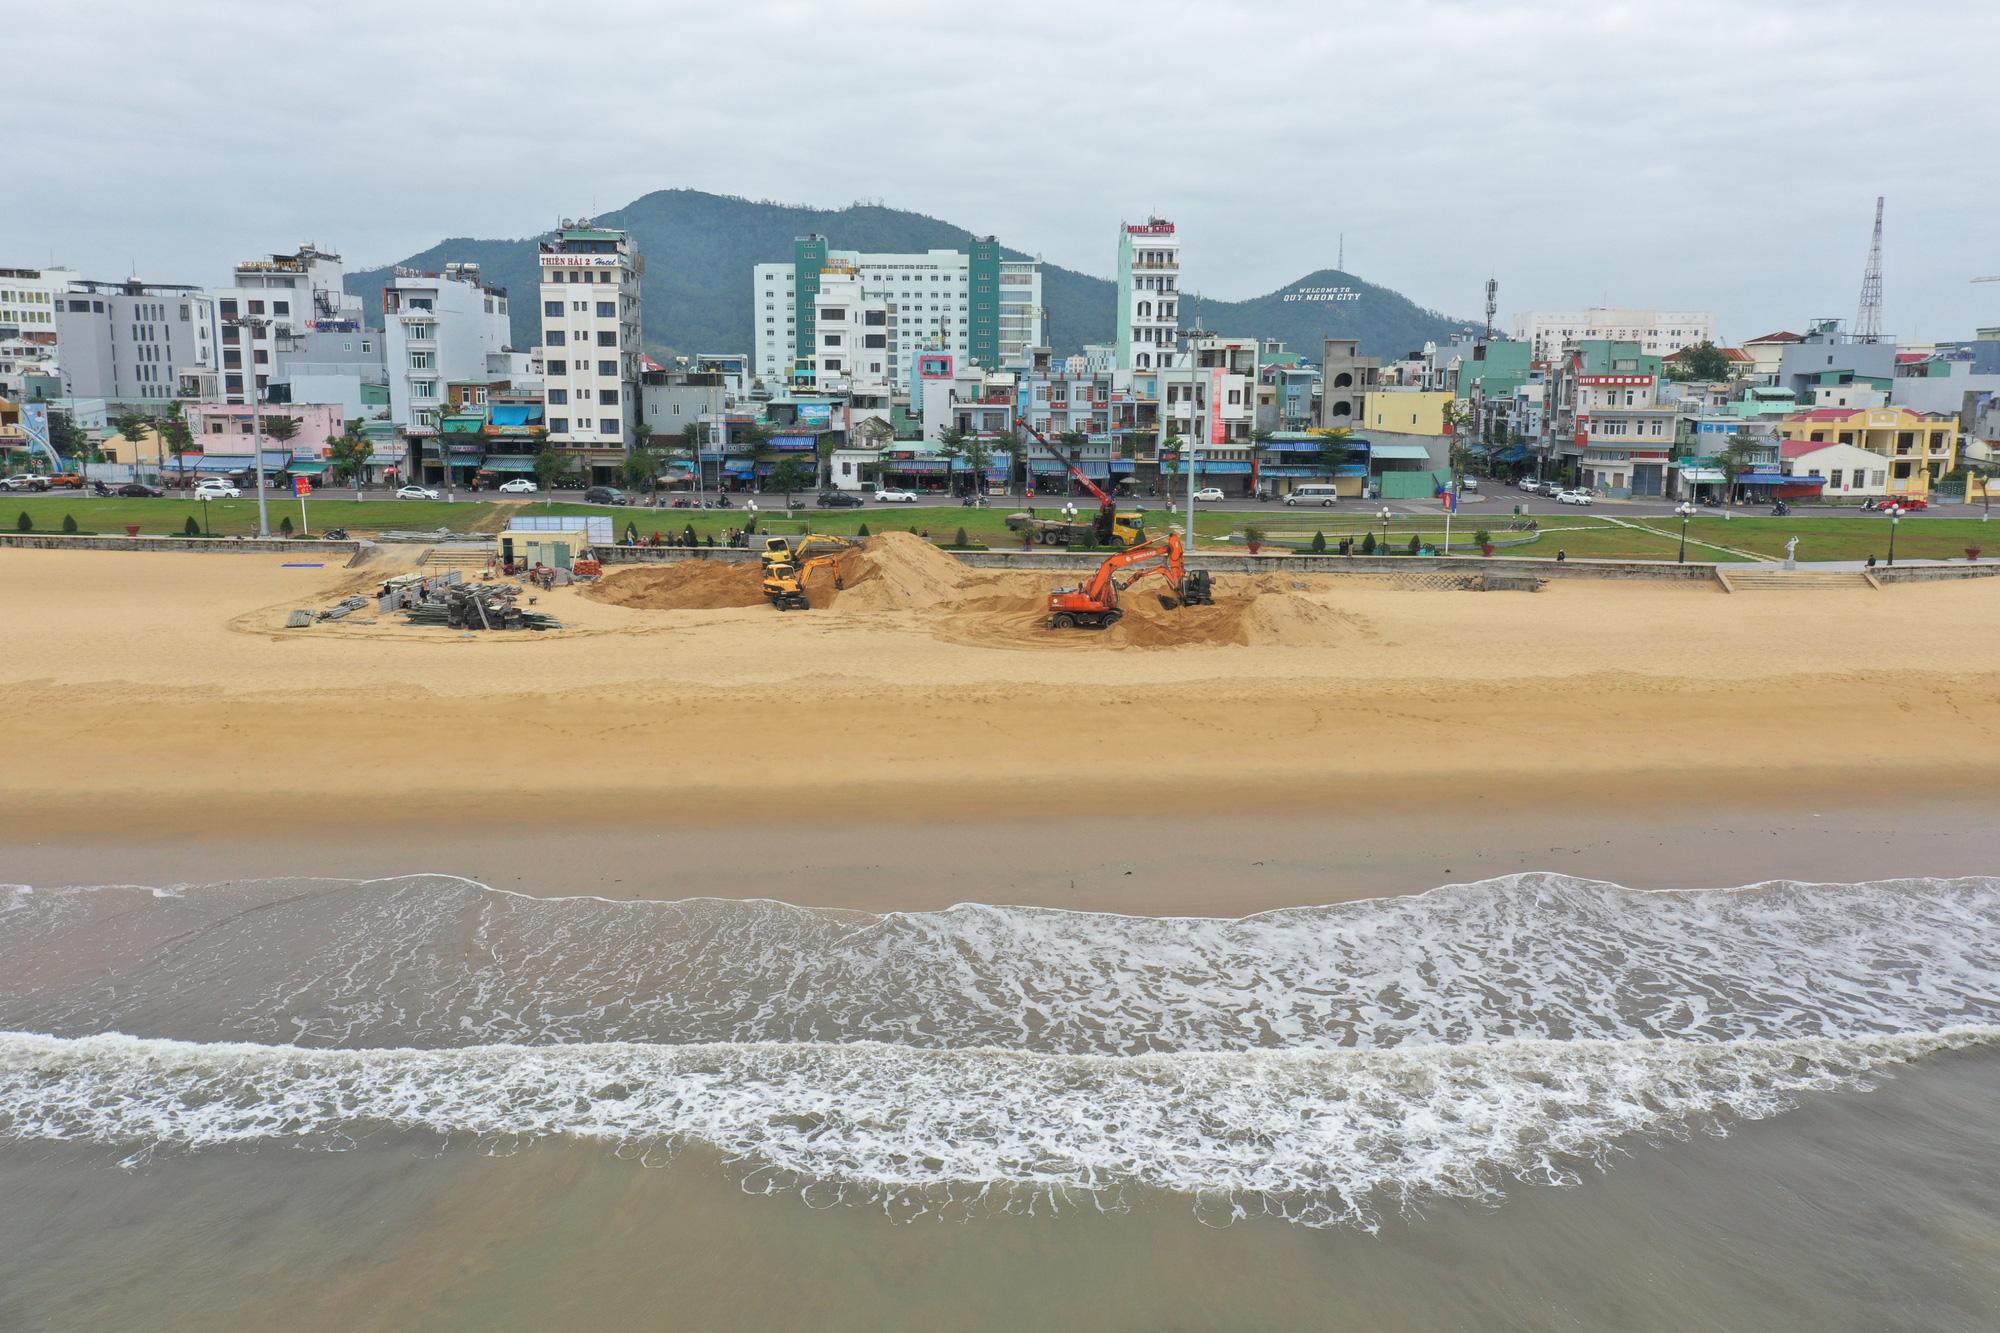 """Chủ tịch Bình Định Nguyễn Phi Long chỉ đạo gì về vụ 65 trụ móng bê tông """"mọc"""" không phép trên bãi biển Quy Nhơn? - Ảnh 1."""